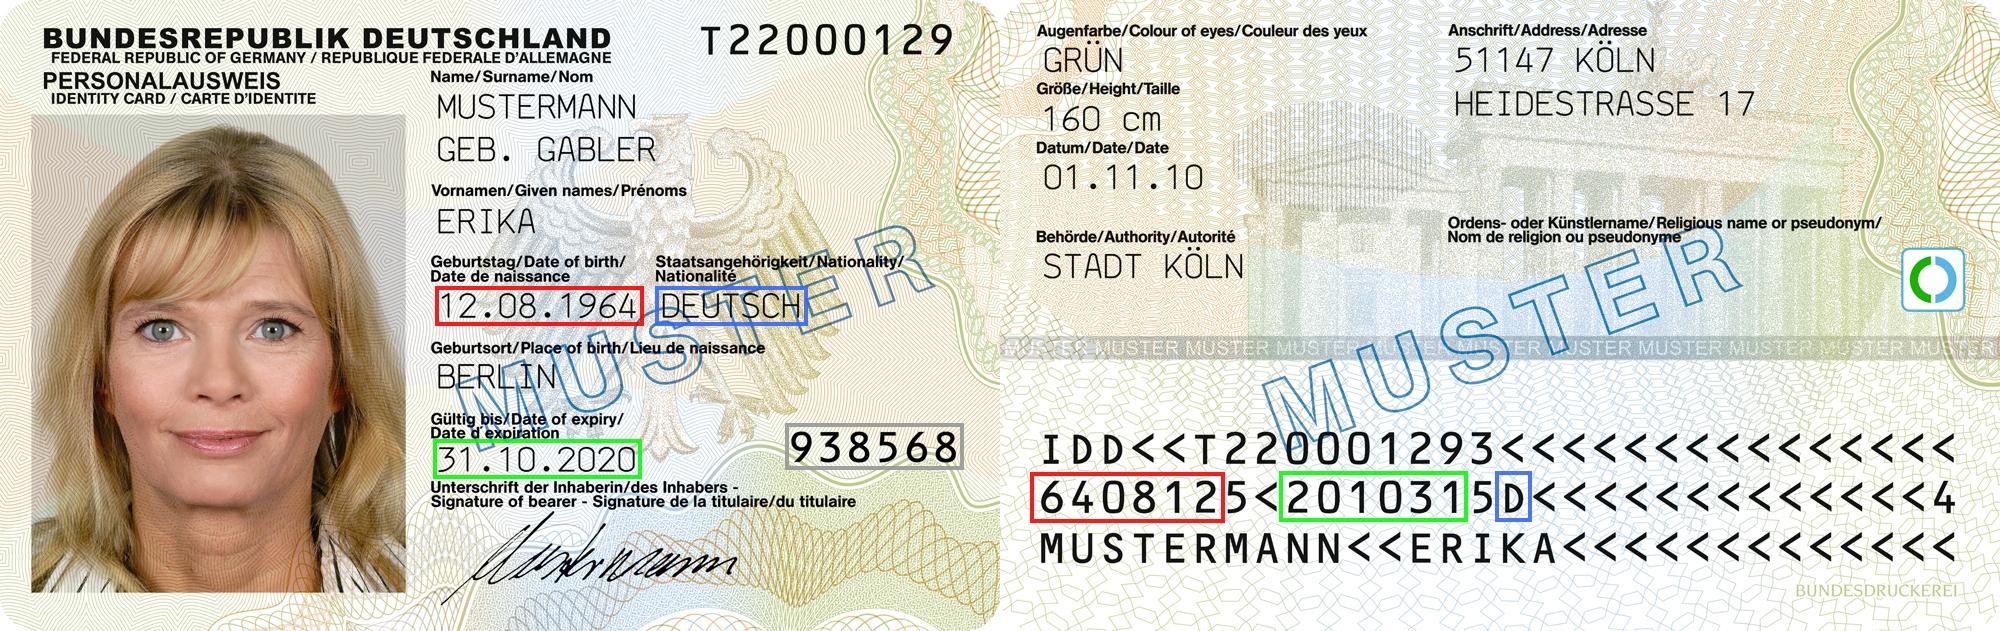 Dokumentennummer Personalausweis: Wo steht die Personalausweisnummer ...